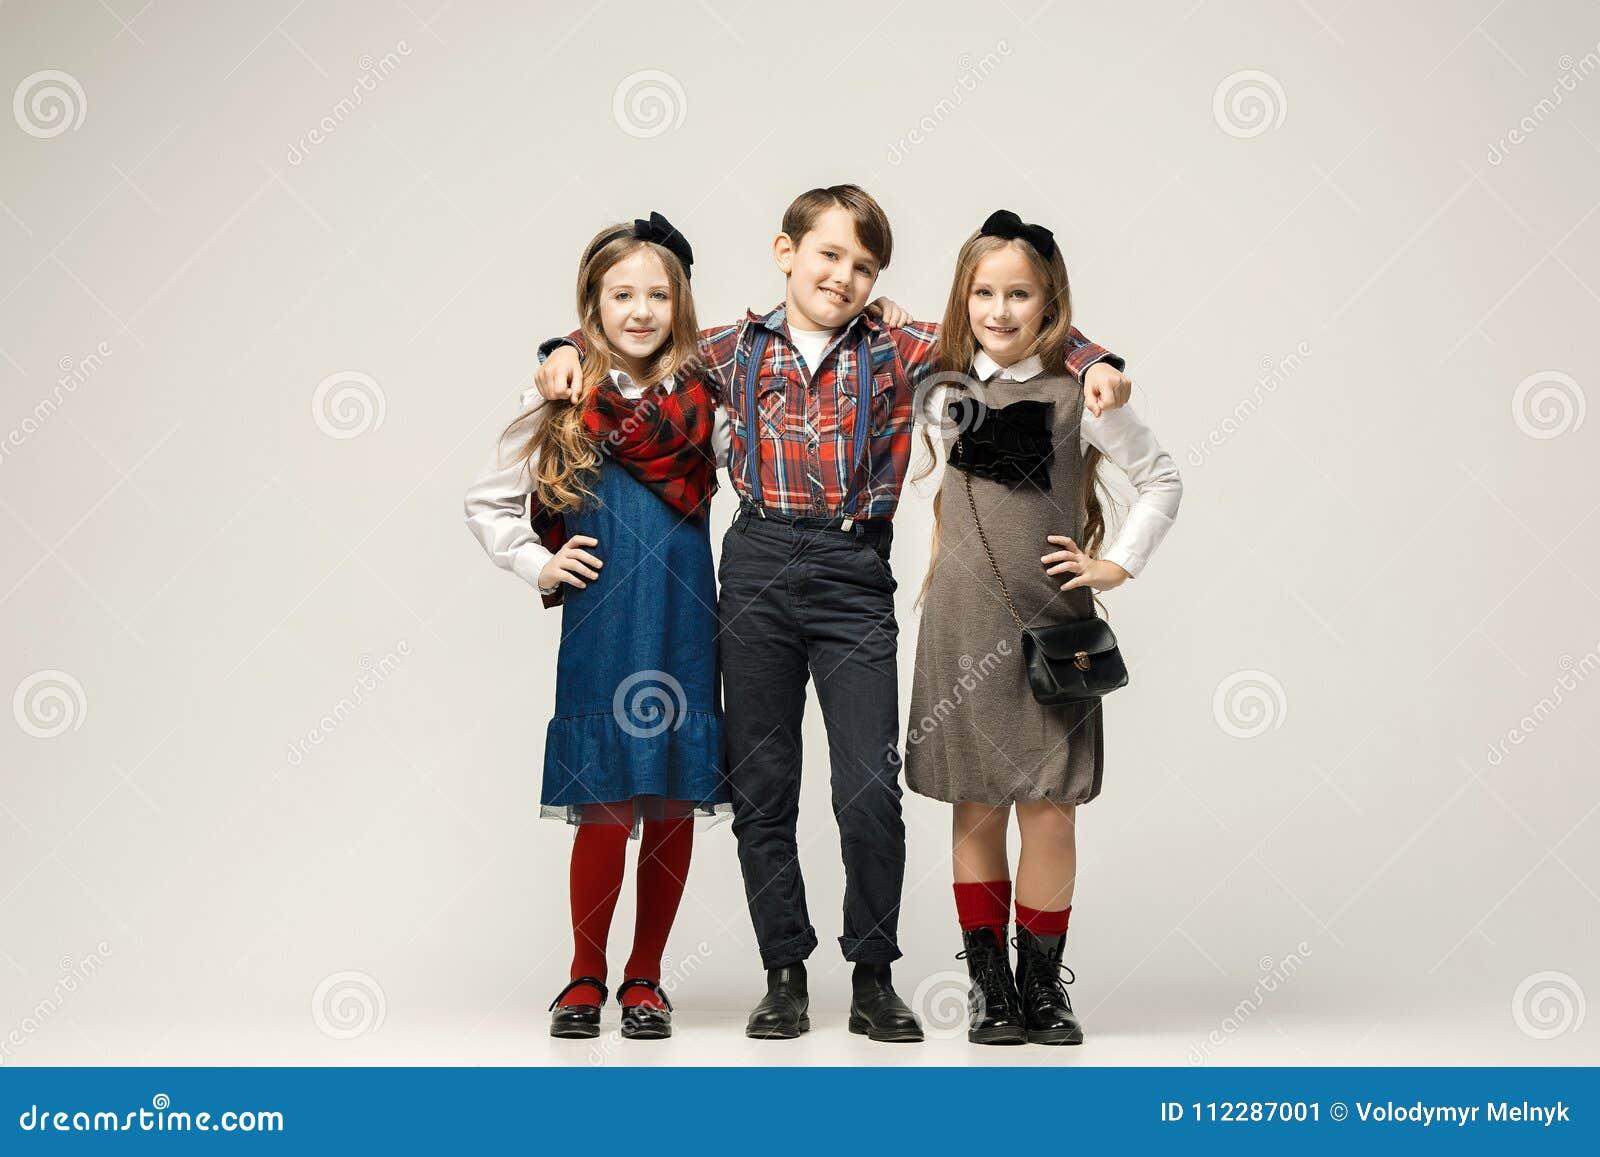 Две красивые девушки и один парень, фото женских кис просмотр